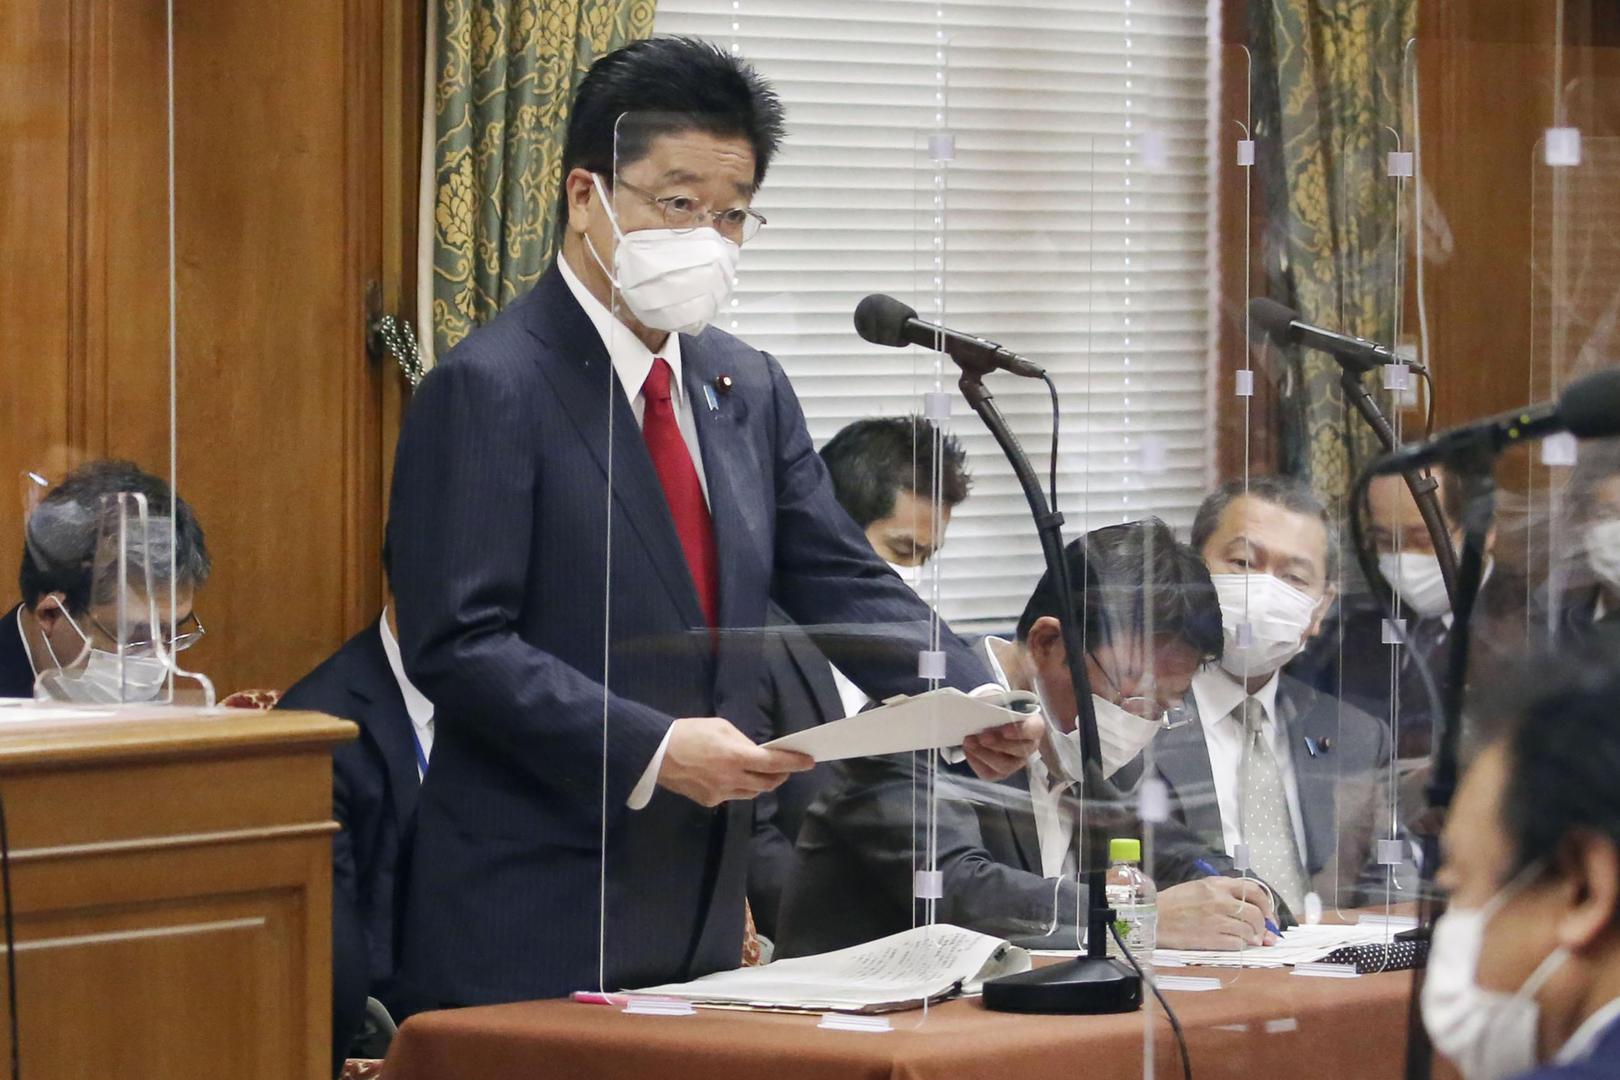 اليابان تعلن أن علاقاتها مع تايوان